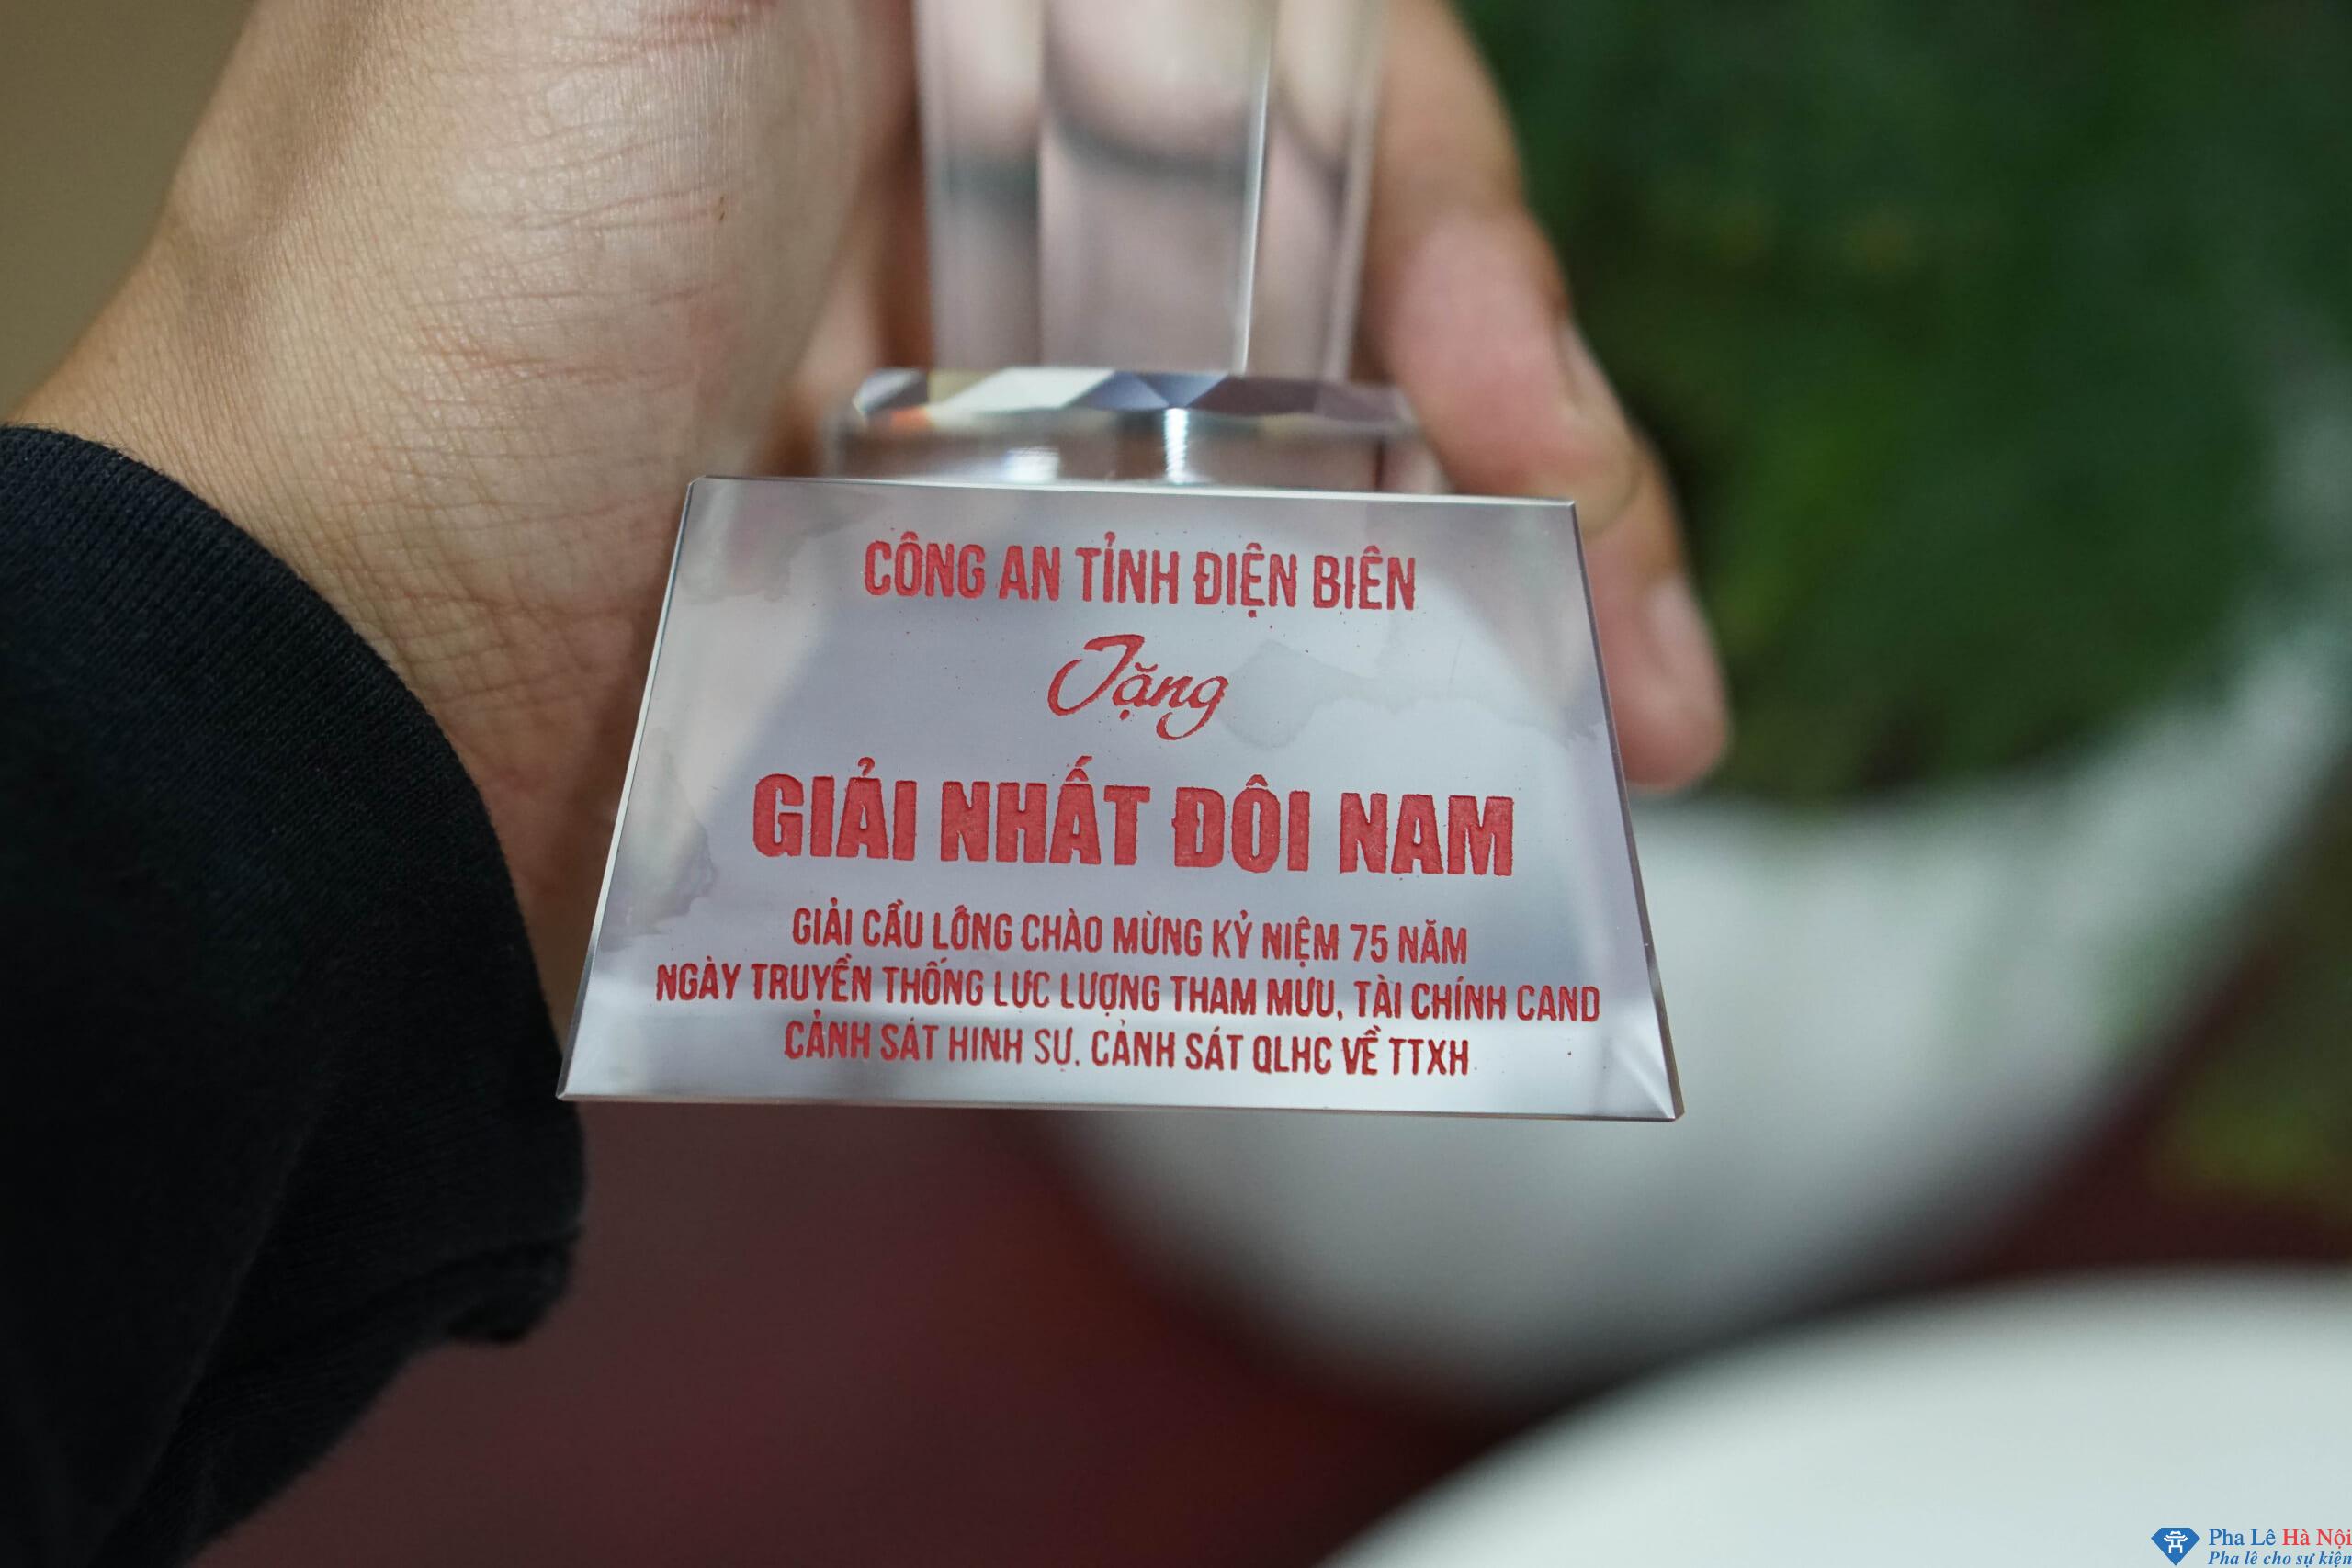 DSC01211 scaled - Cup pha lê thể thao Công An Tỉnh Điện Biên